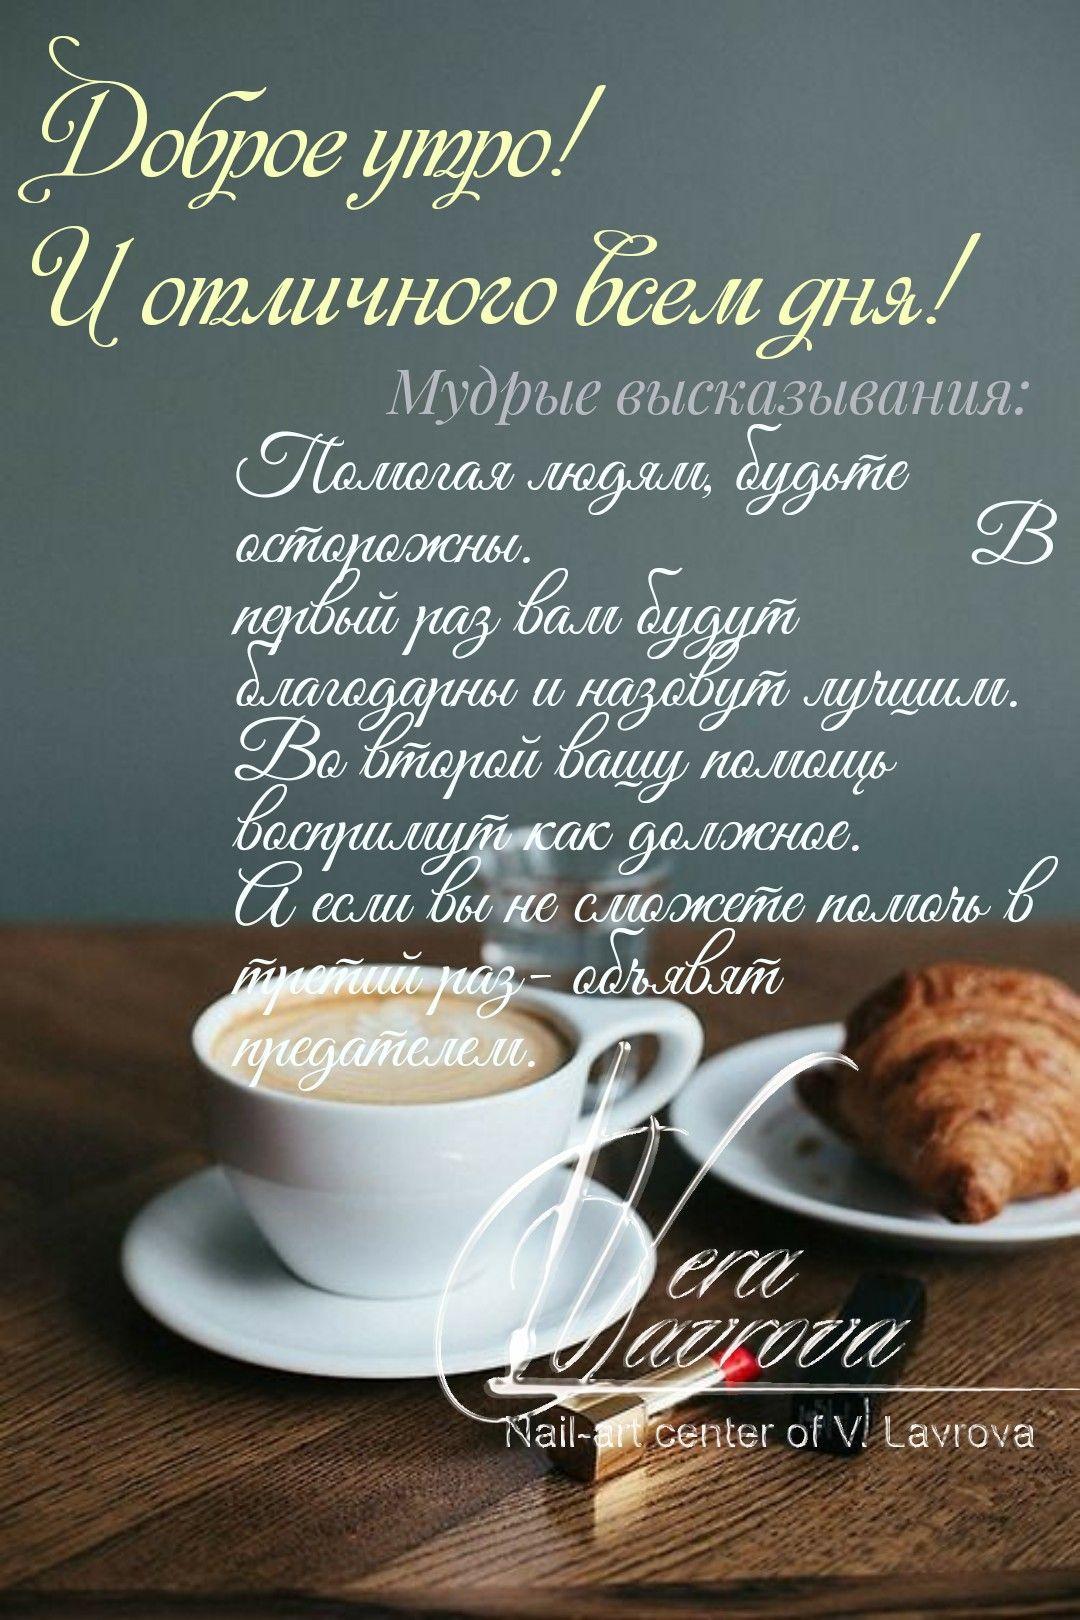 мудрое пожелание доброго утра использованием